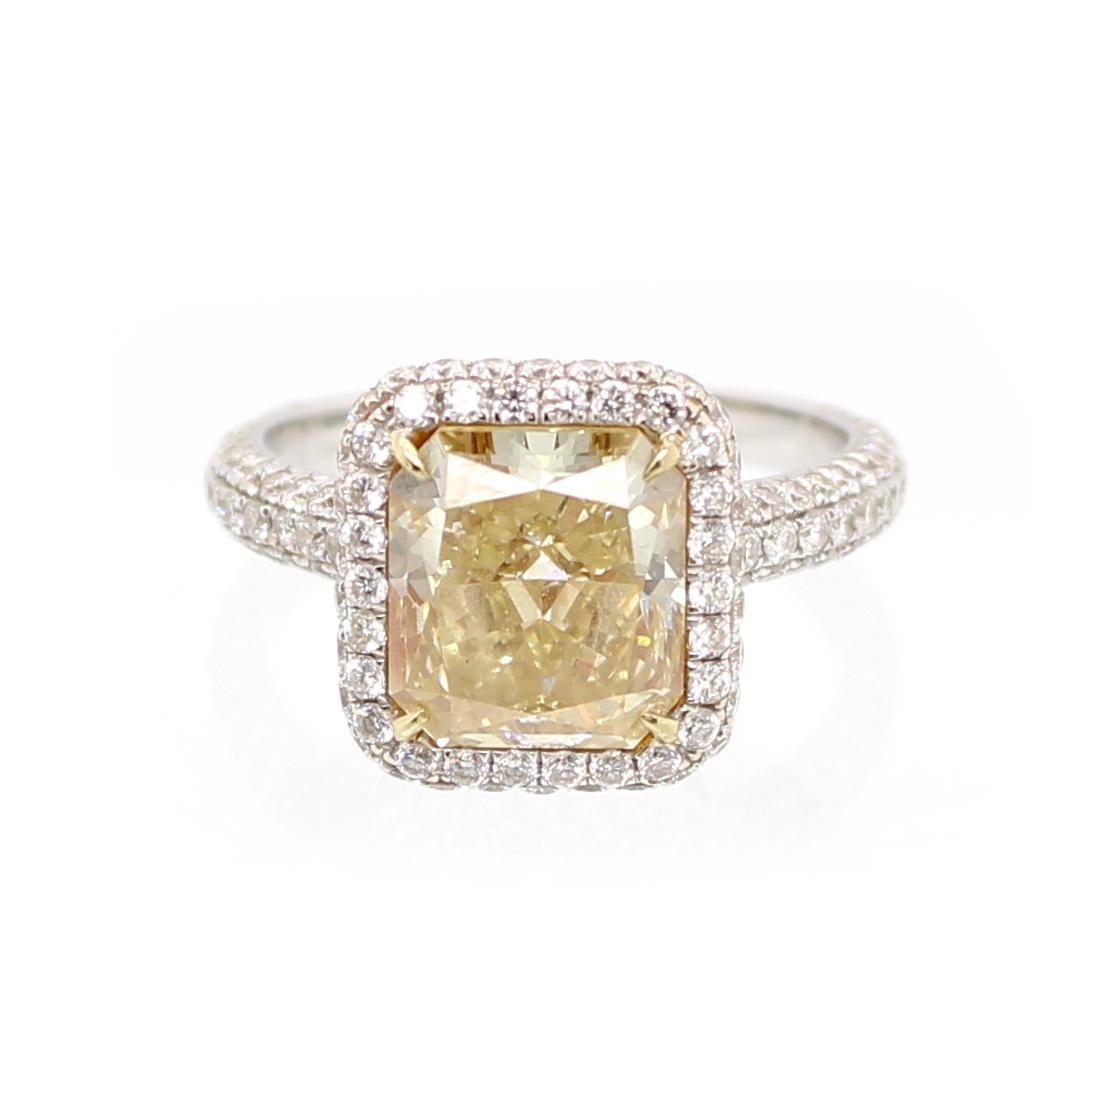 Vintage 18 Karat White Gold GIA Certified Natural Fancy Diamond Ring